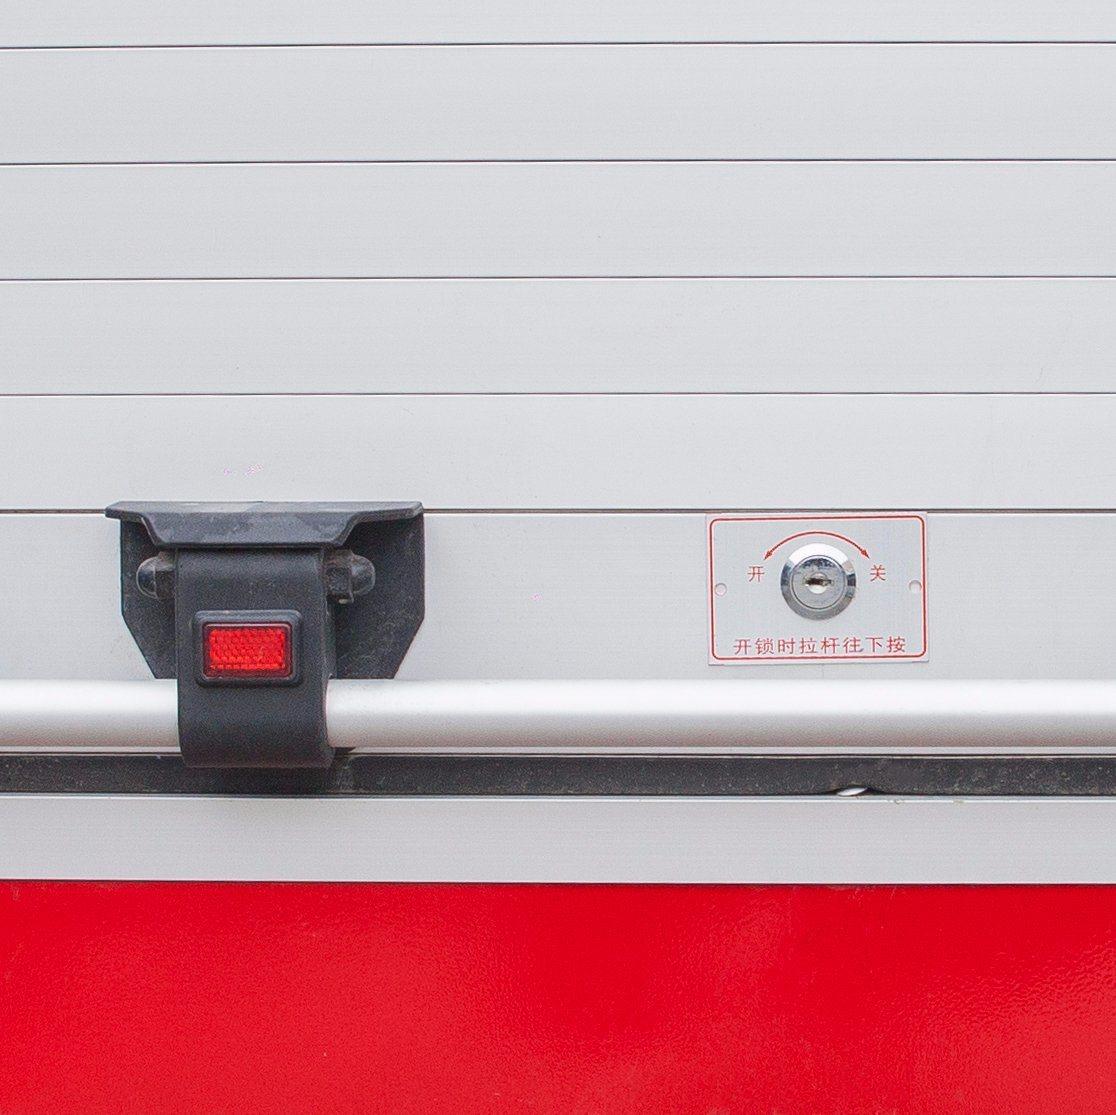 Aluminum Alloy Fire Rolling Shutter for Fire Truck